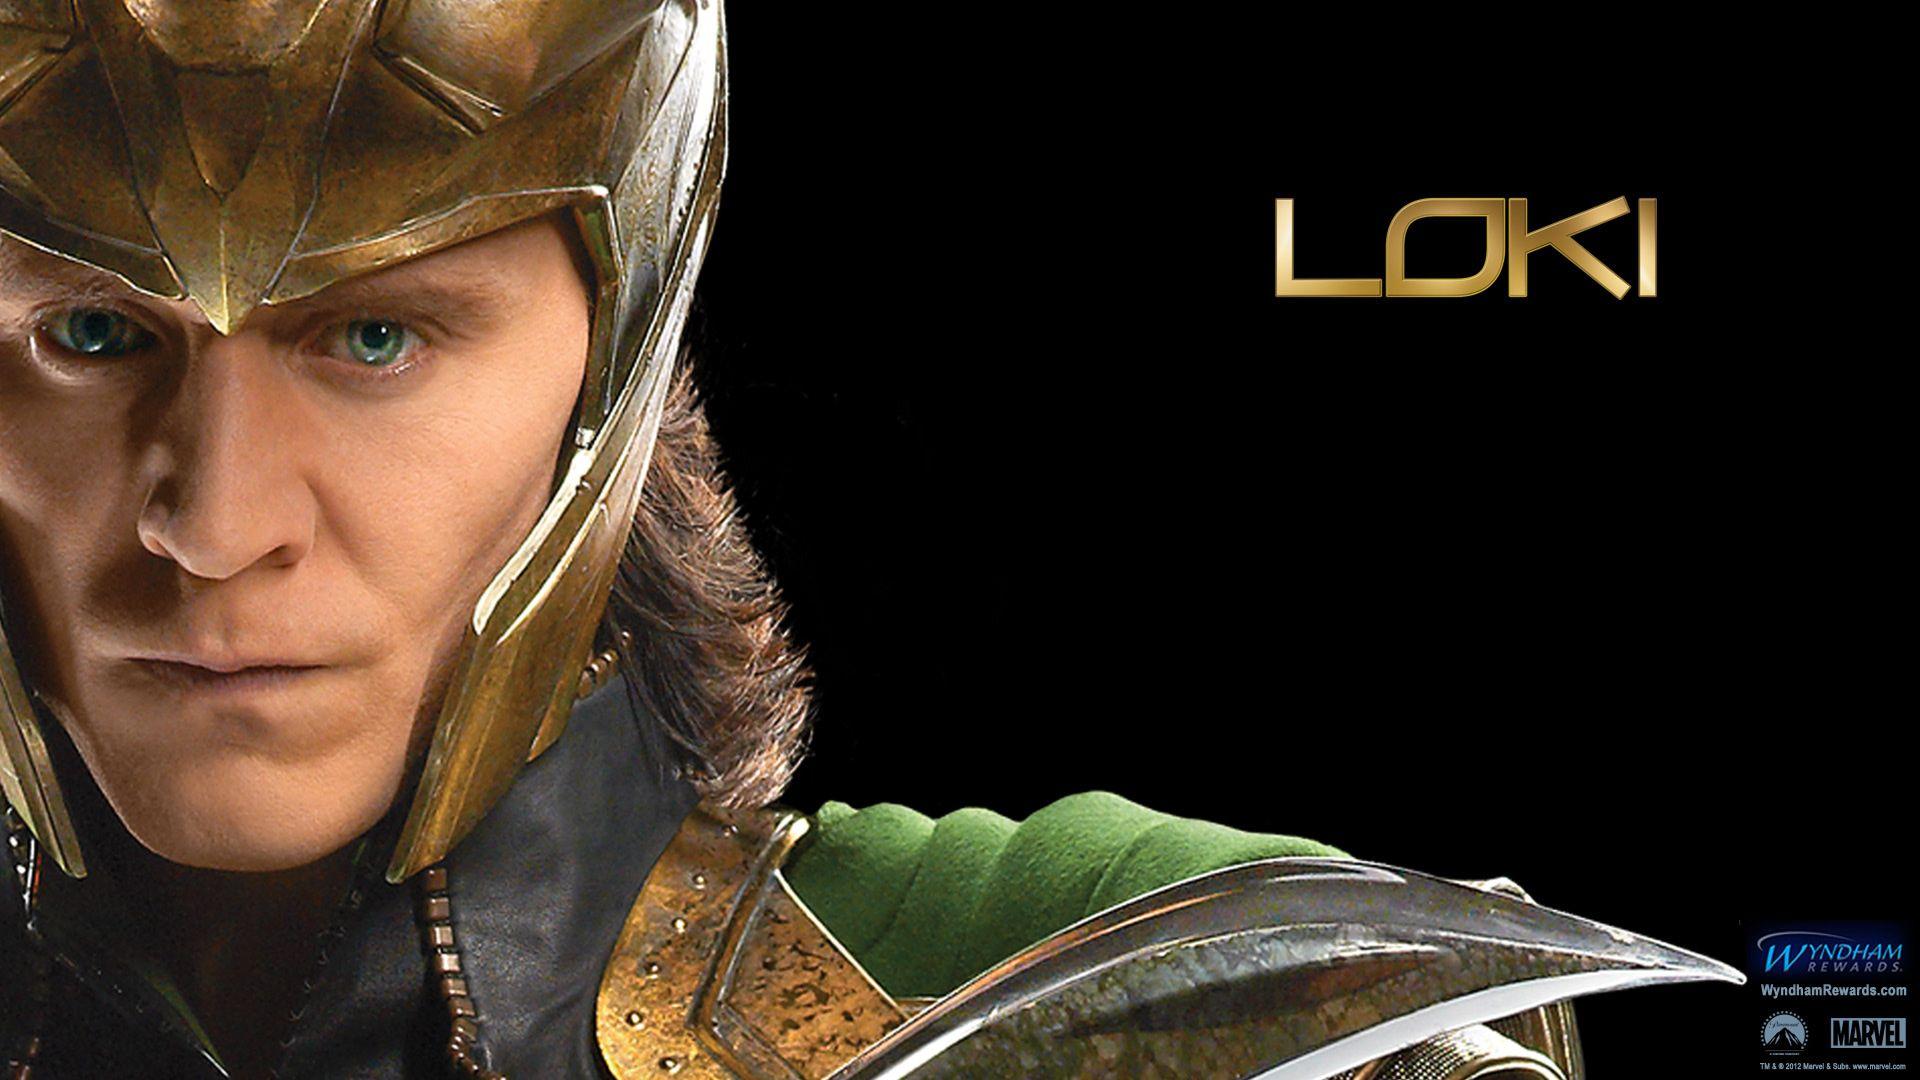 Loki Wallpaper THE AVENGERS Wallpaper...